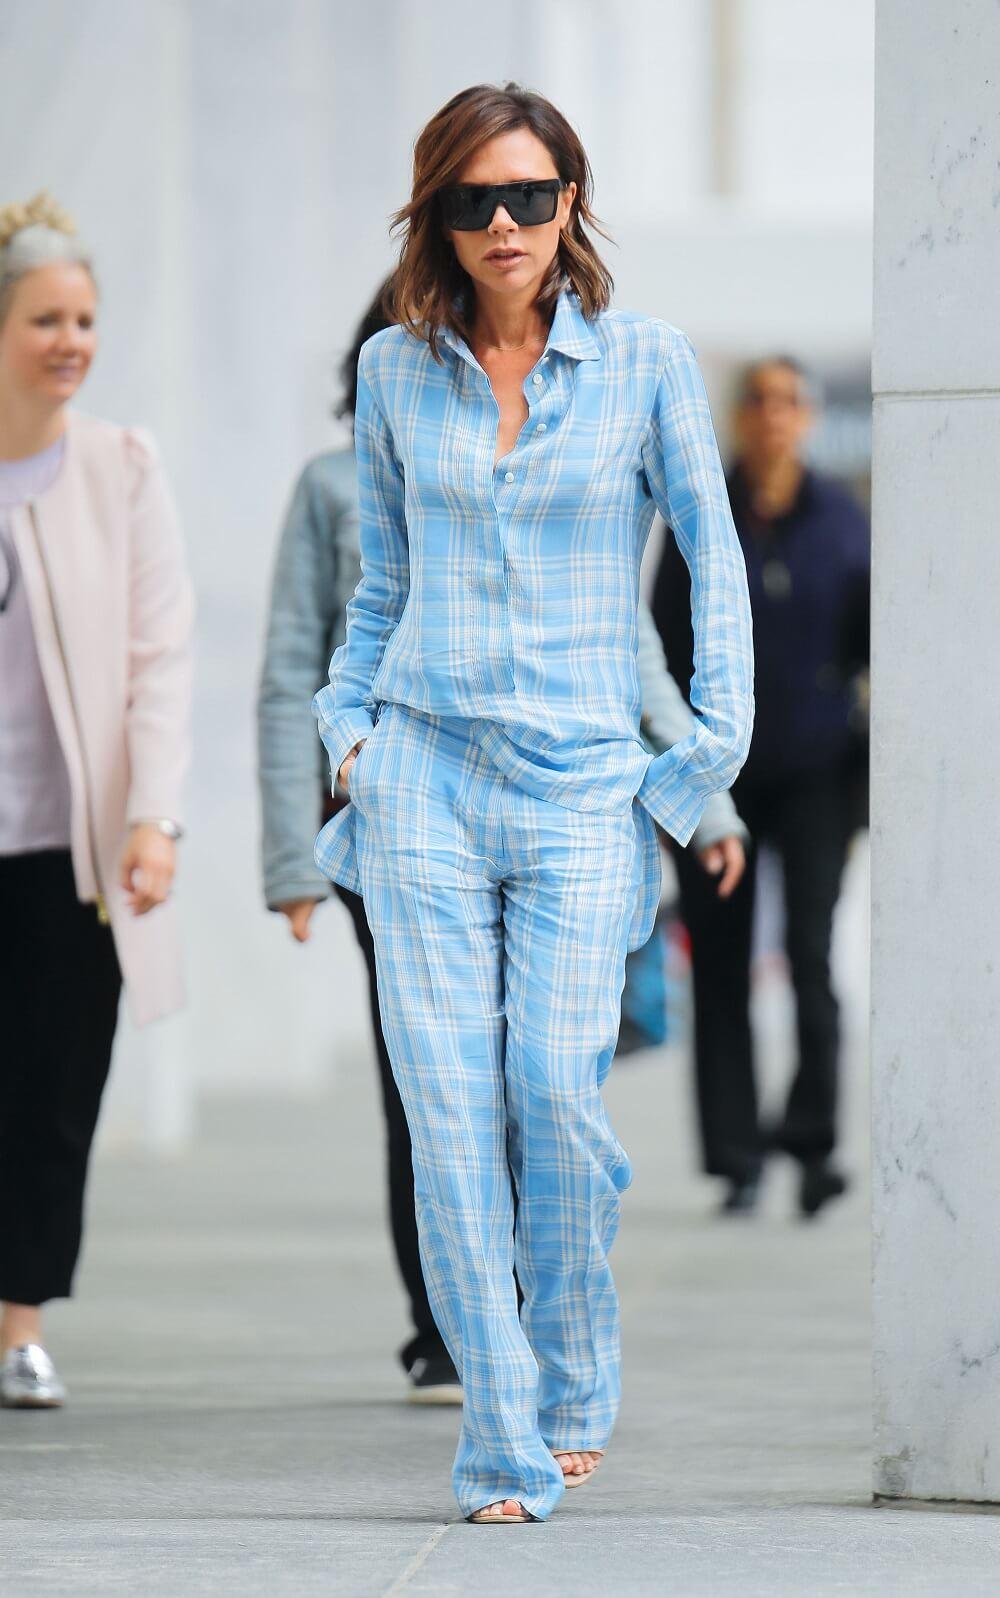 ヴィクトリア・ベッカムの私服ファッション写真(水色のセットアップ)